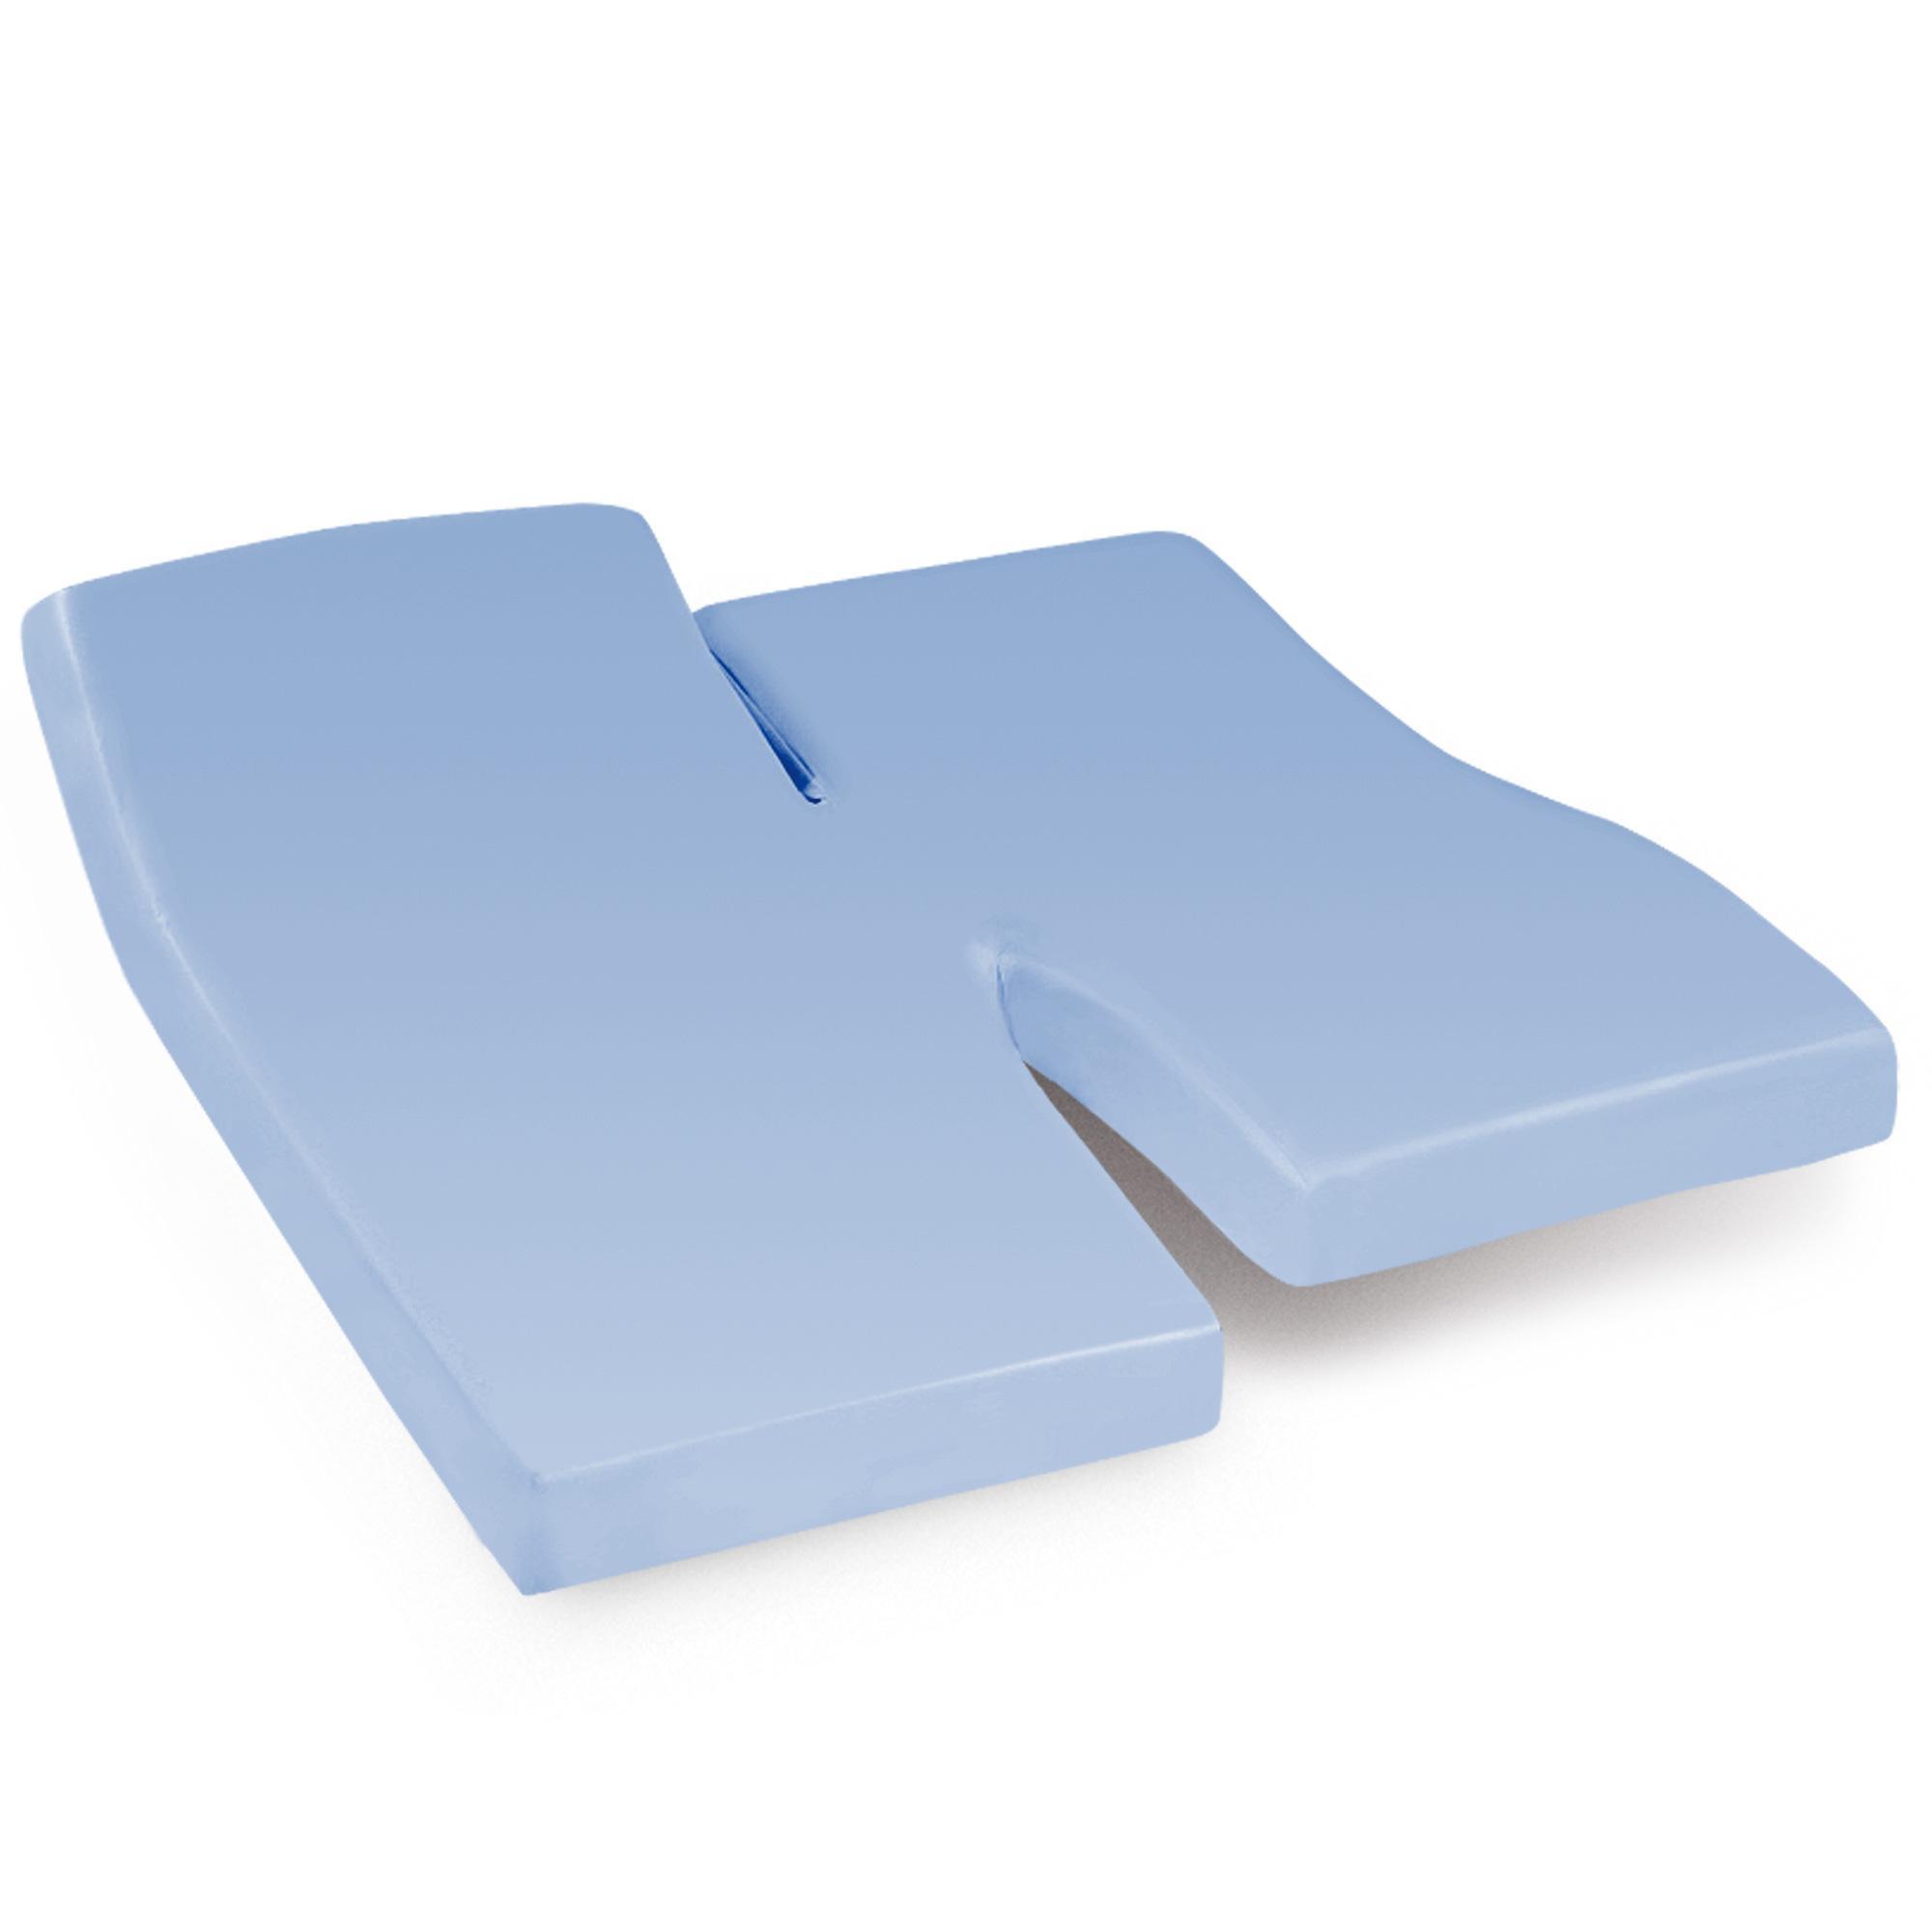 Drap housse relaxation 2x80x200cm uni pur coton alto bleu - Draps housse 80 x 200 ...